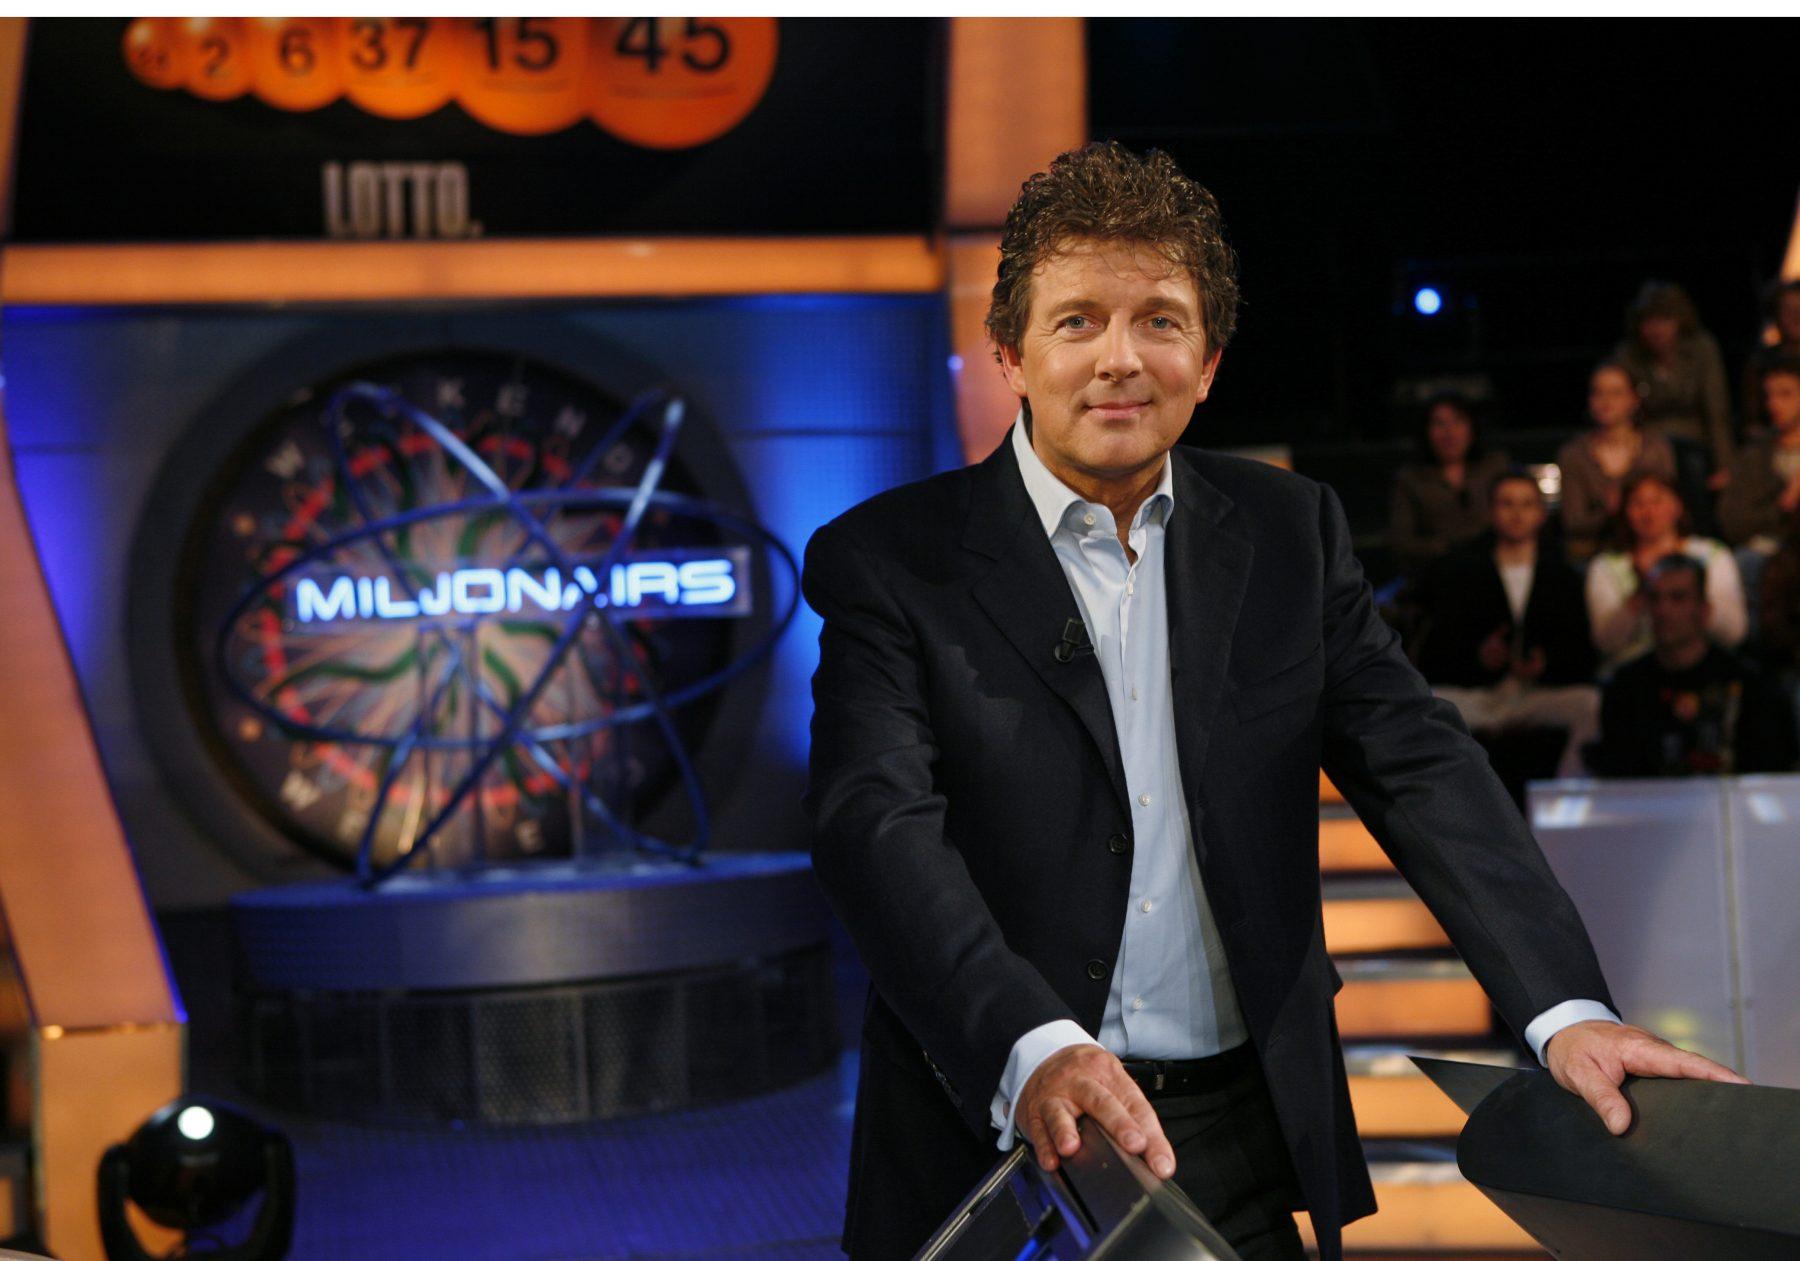 'Lotto Weekend Miljonairs' keert terug op de buis mét presentator Robert ten Brink